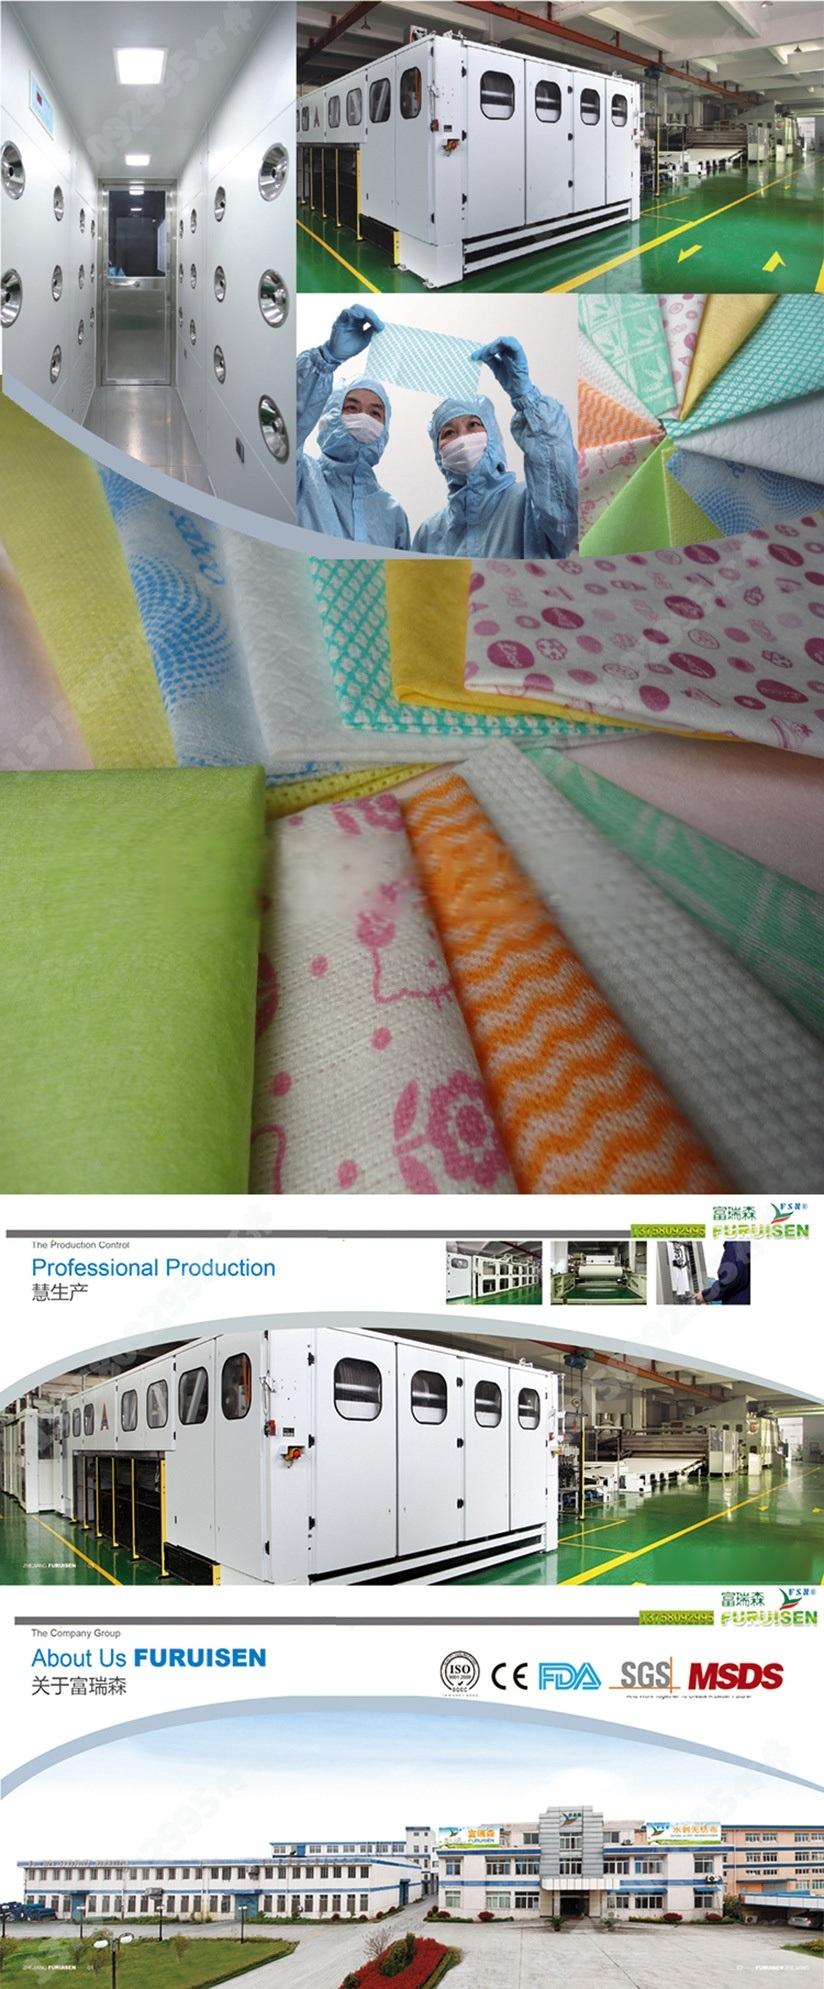 布料產品詳細簡介底圖2(750寬度)